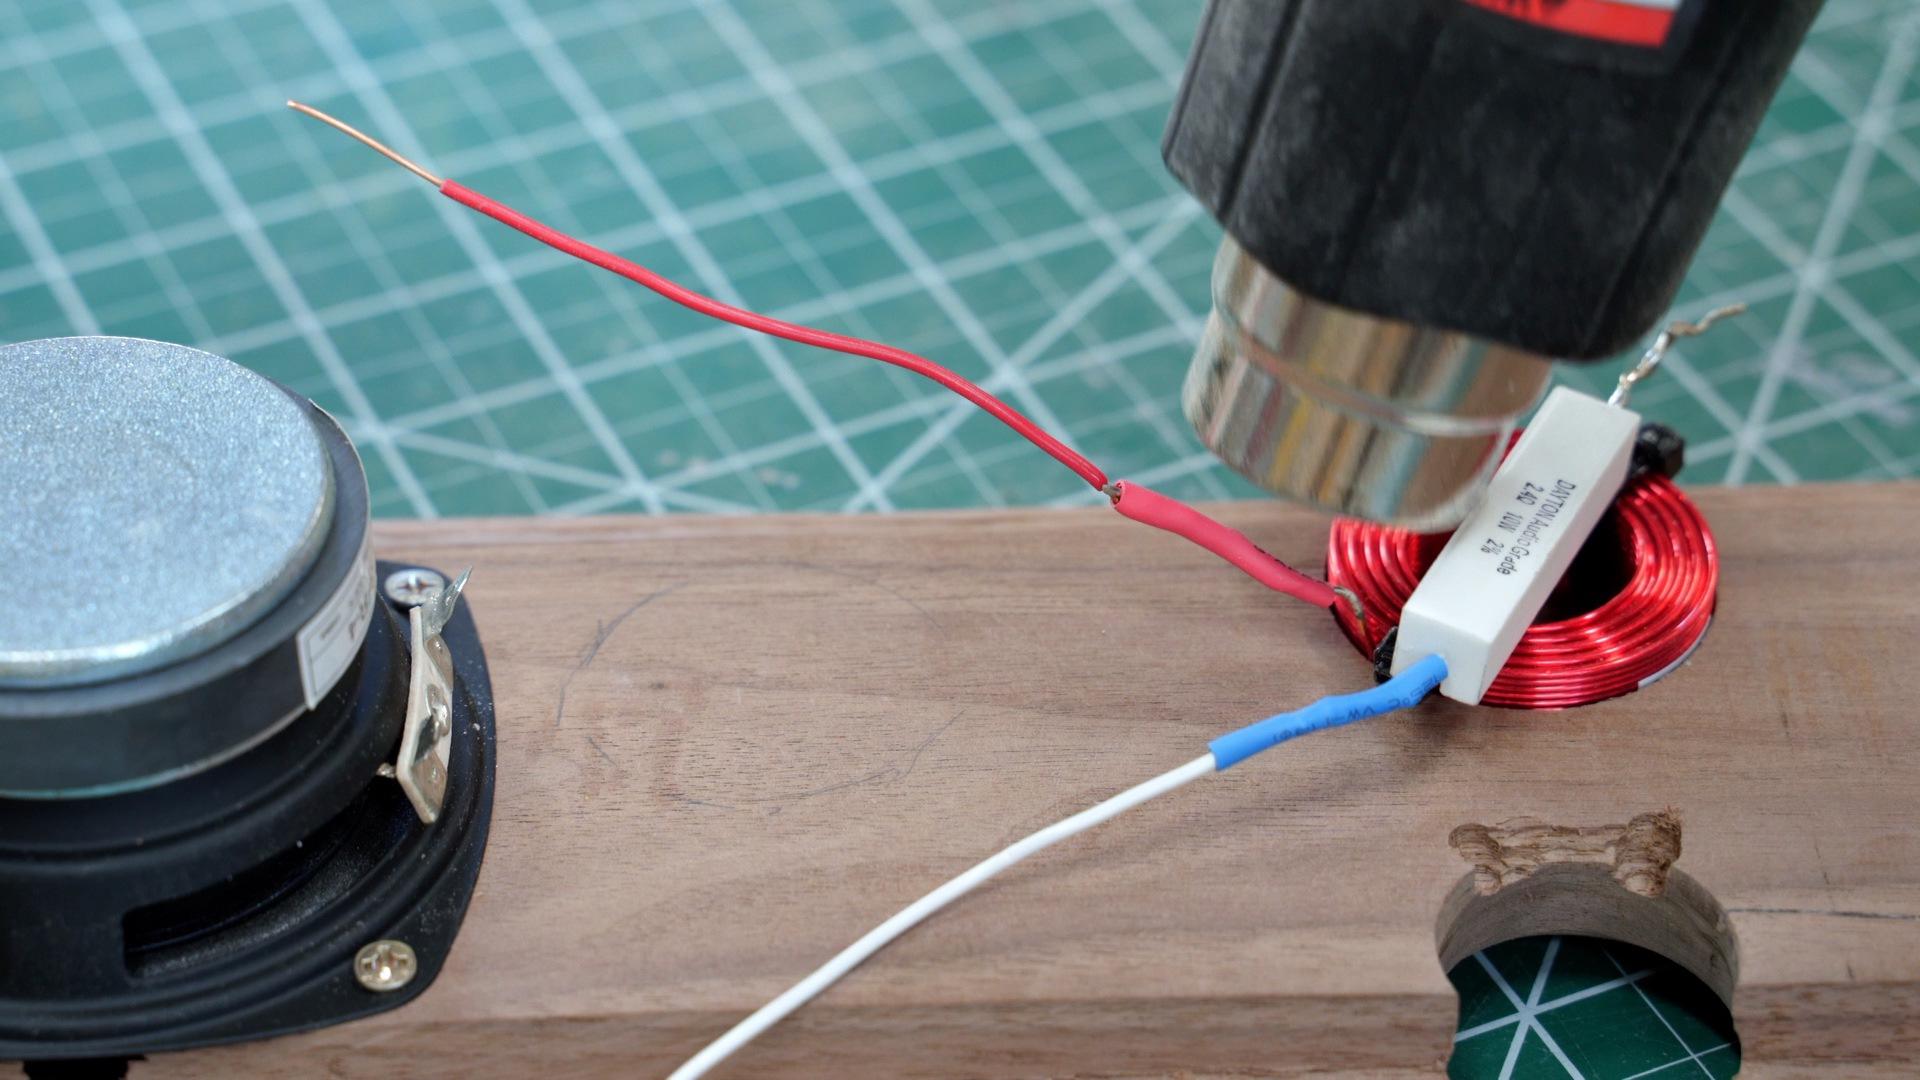 Use a heat gun to heat shrink soldered wires